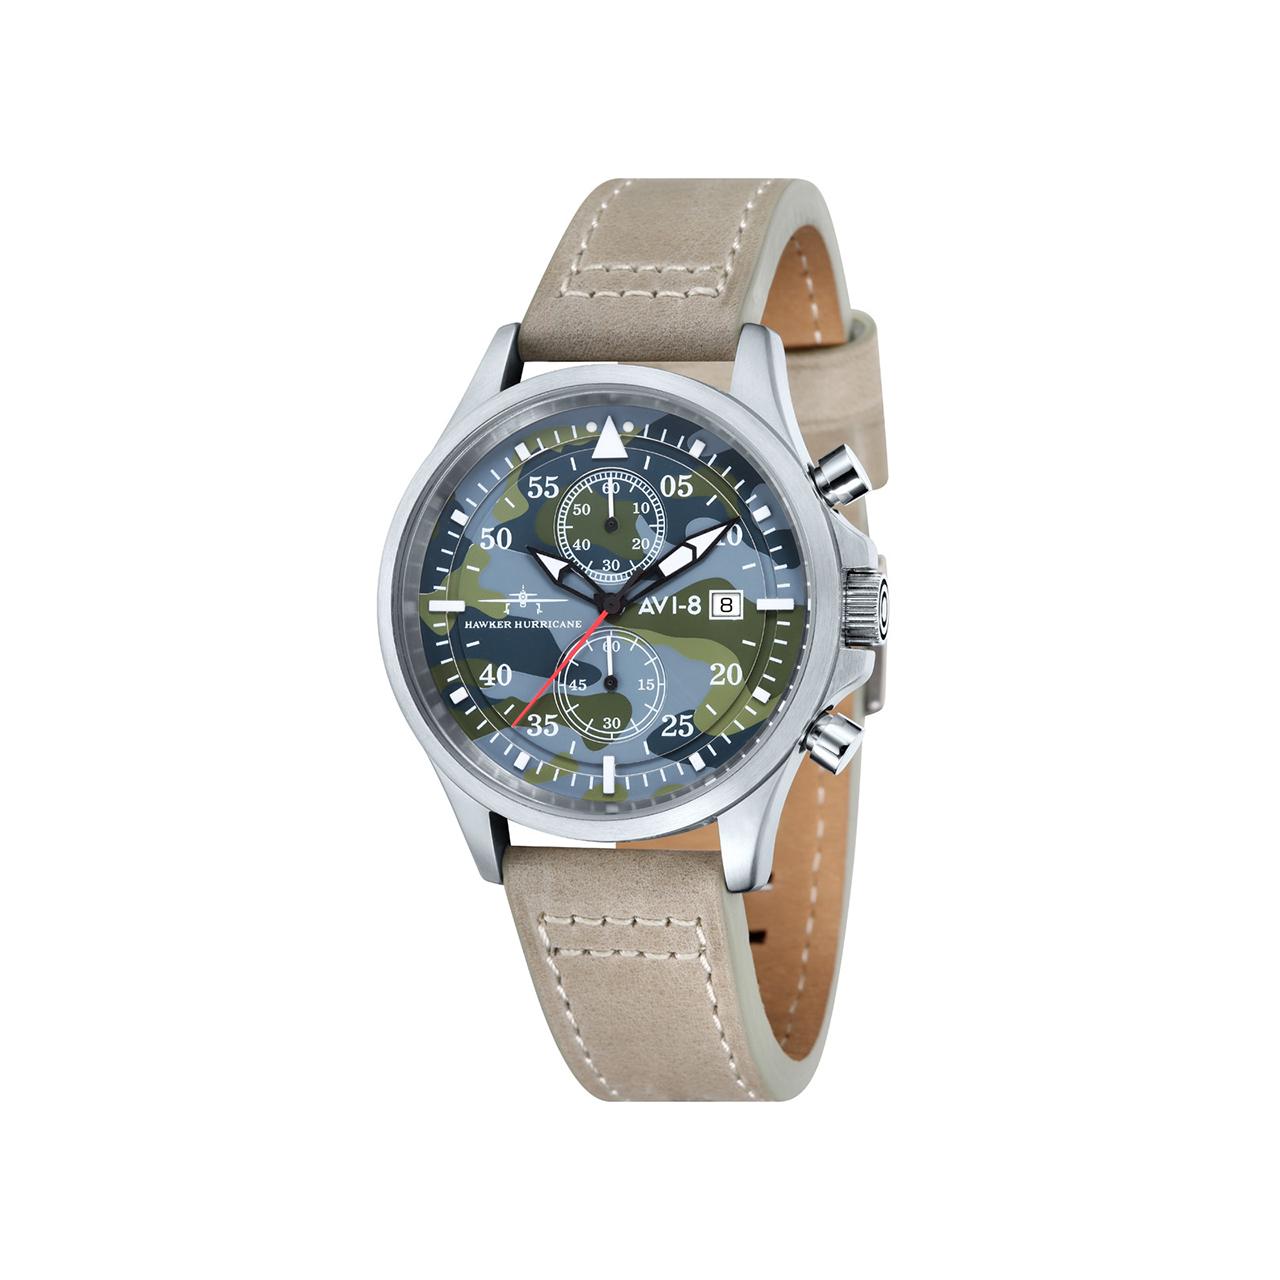 ساعت مچی عقربه ای مردانه ای وی-8 مدل AV-4013-09 52